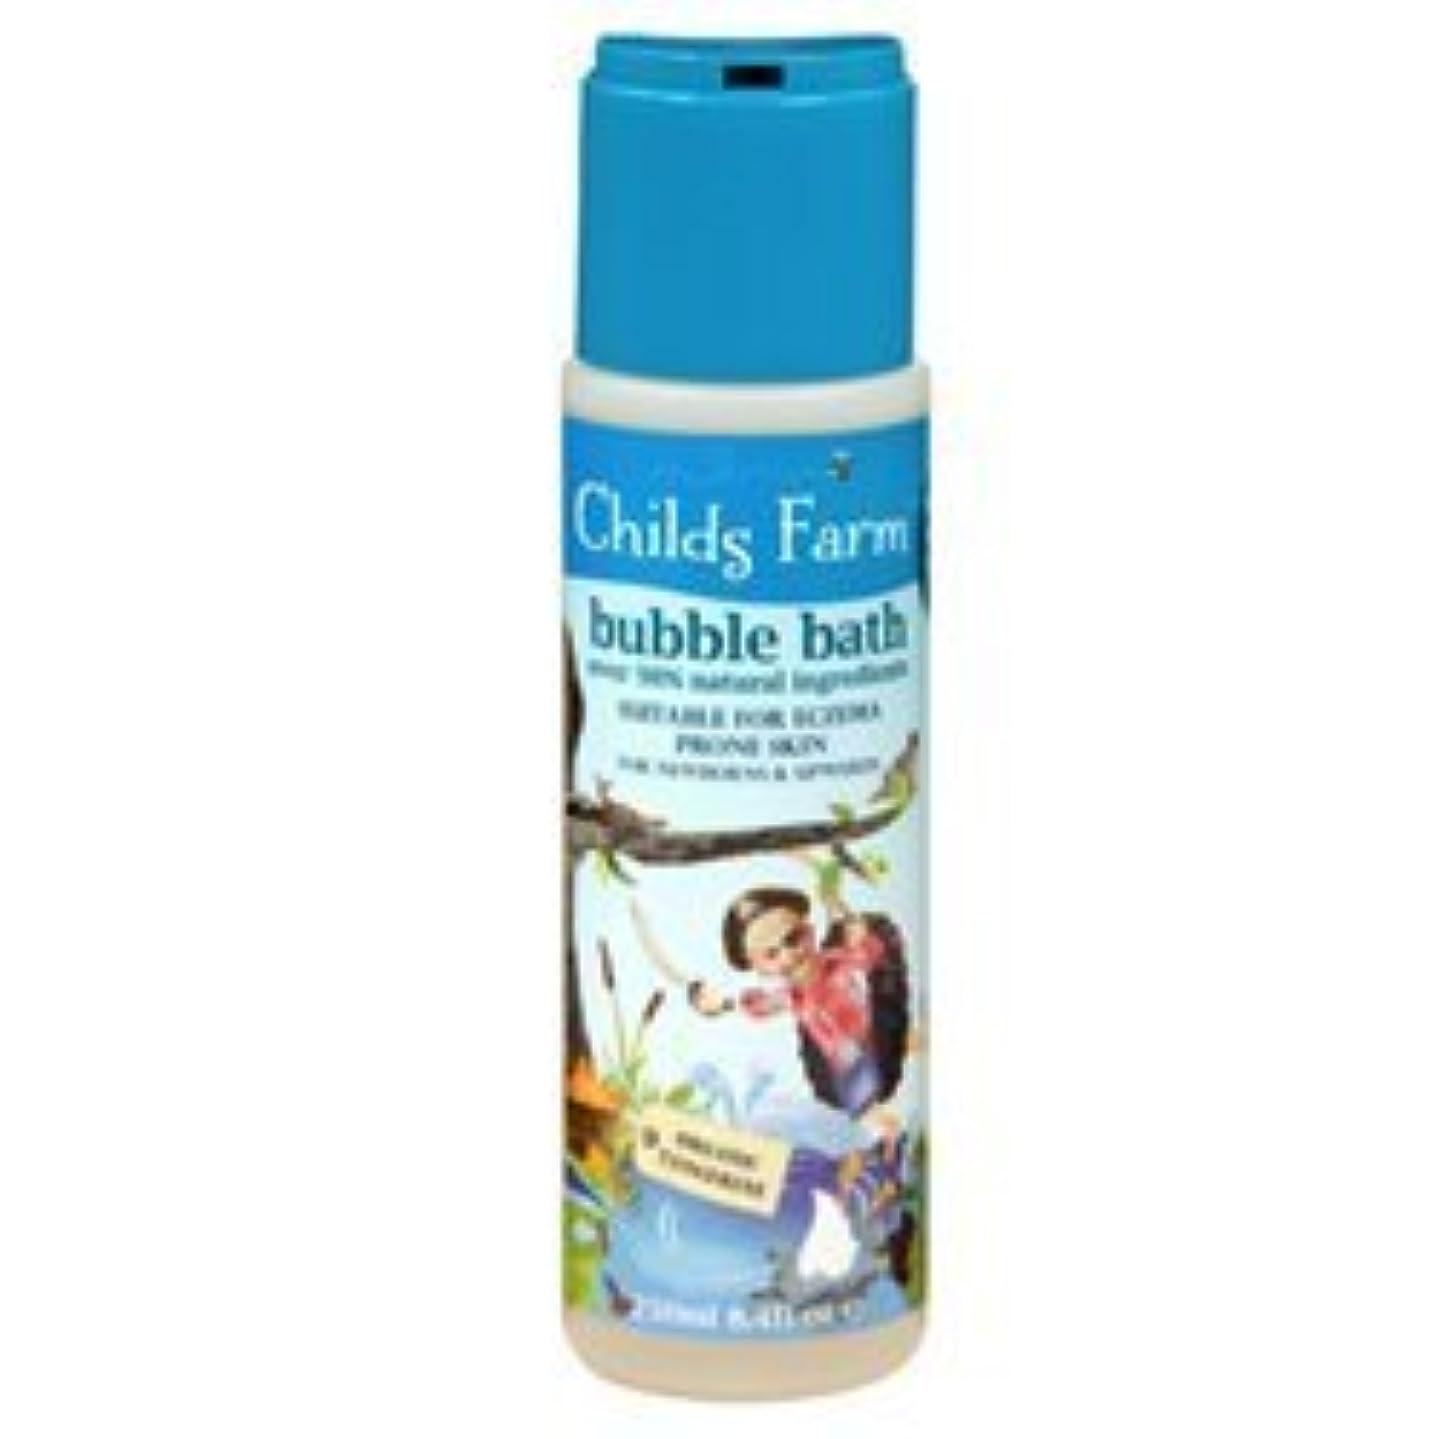 警察署病気だと思う回想Childs Farm Bubble bath for Buccaneers 250ml x 1 by Childs Farm